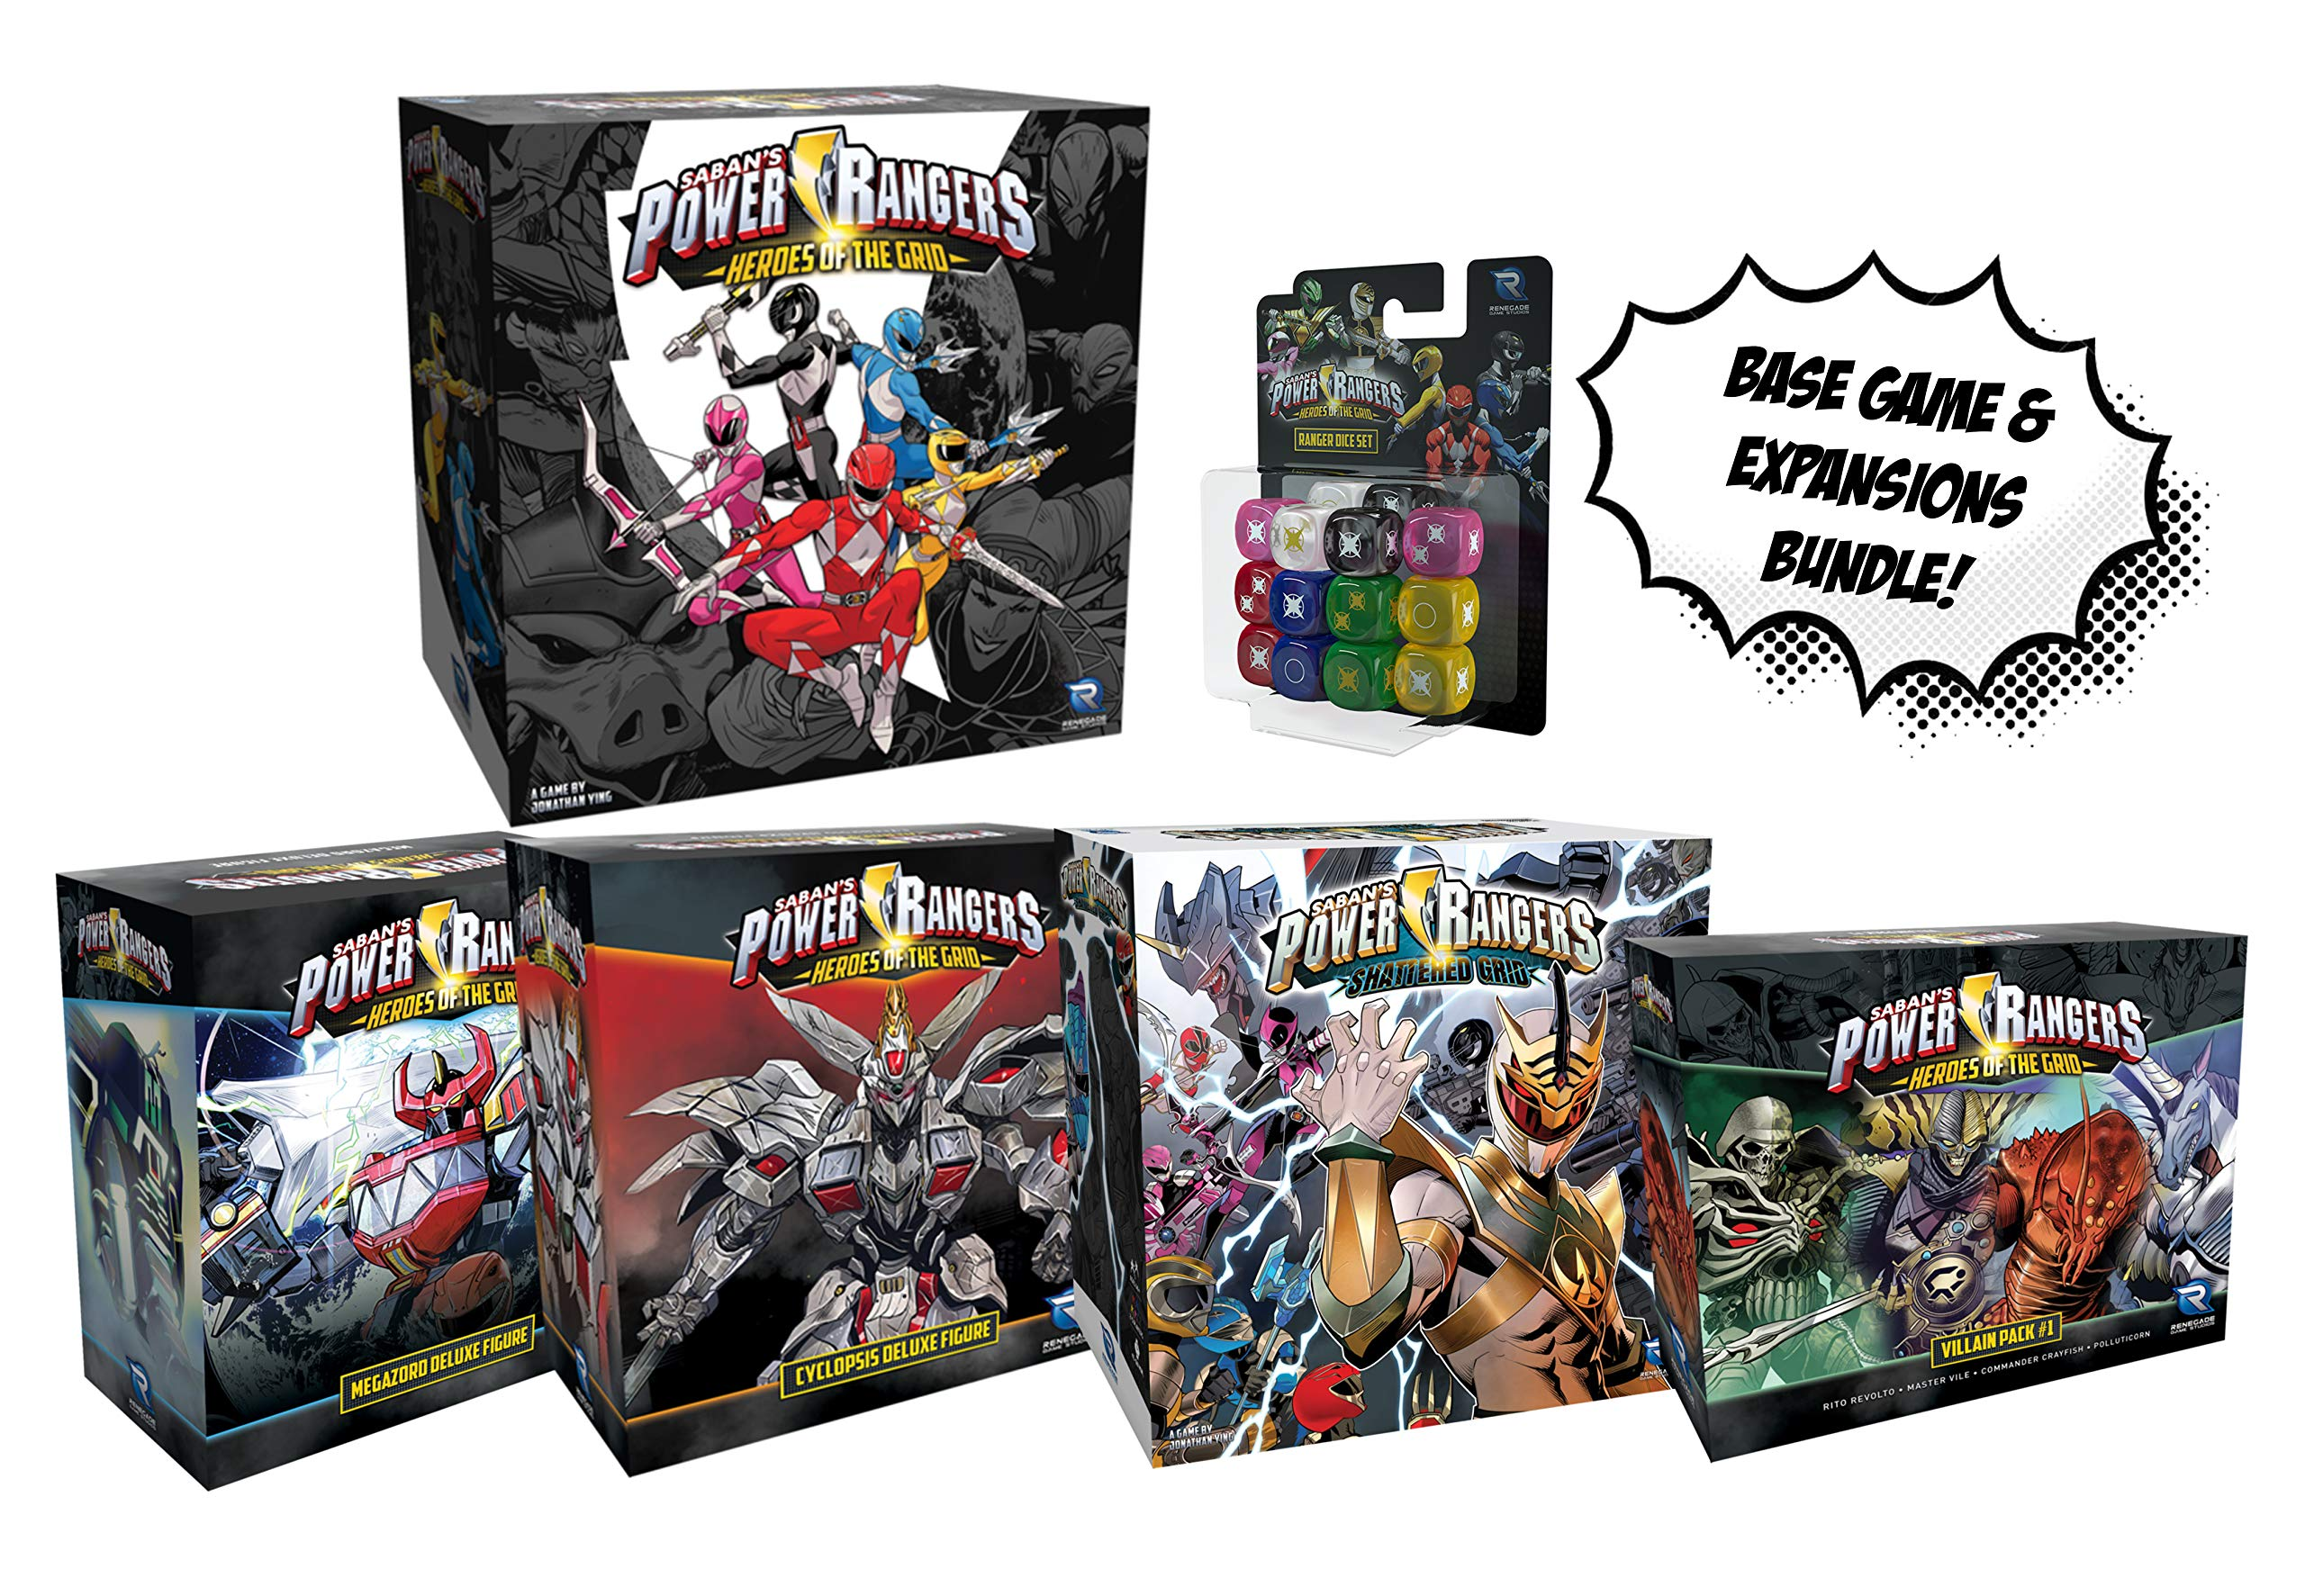 Power Rangers: Heroes of The Grid Juego de Mesa y Todas Las expansiones y Juego de Dados. Power Rangers Bundle.: Amazon.es: Juguetes y juegos